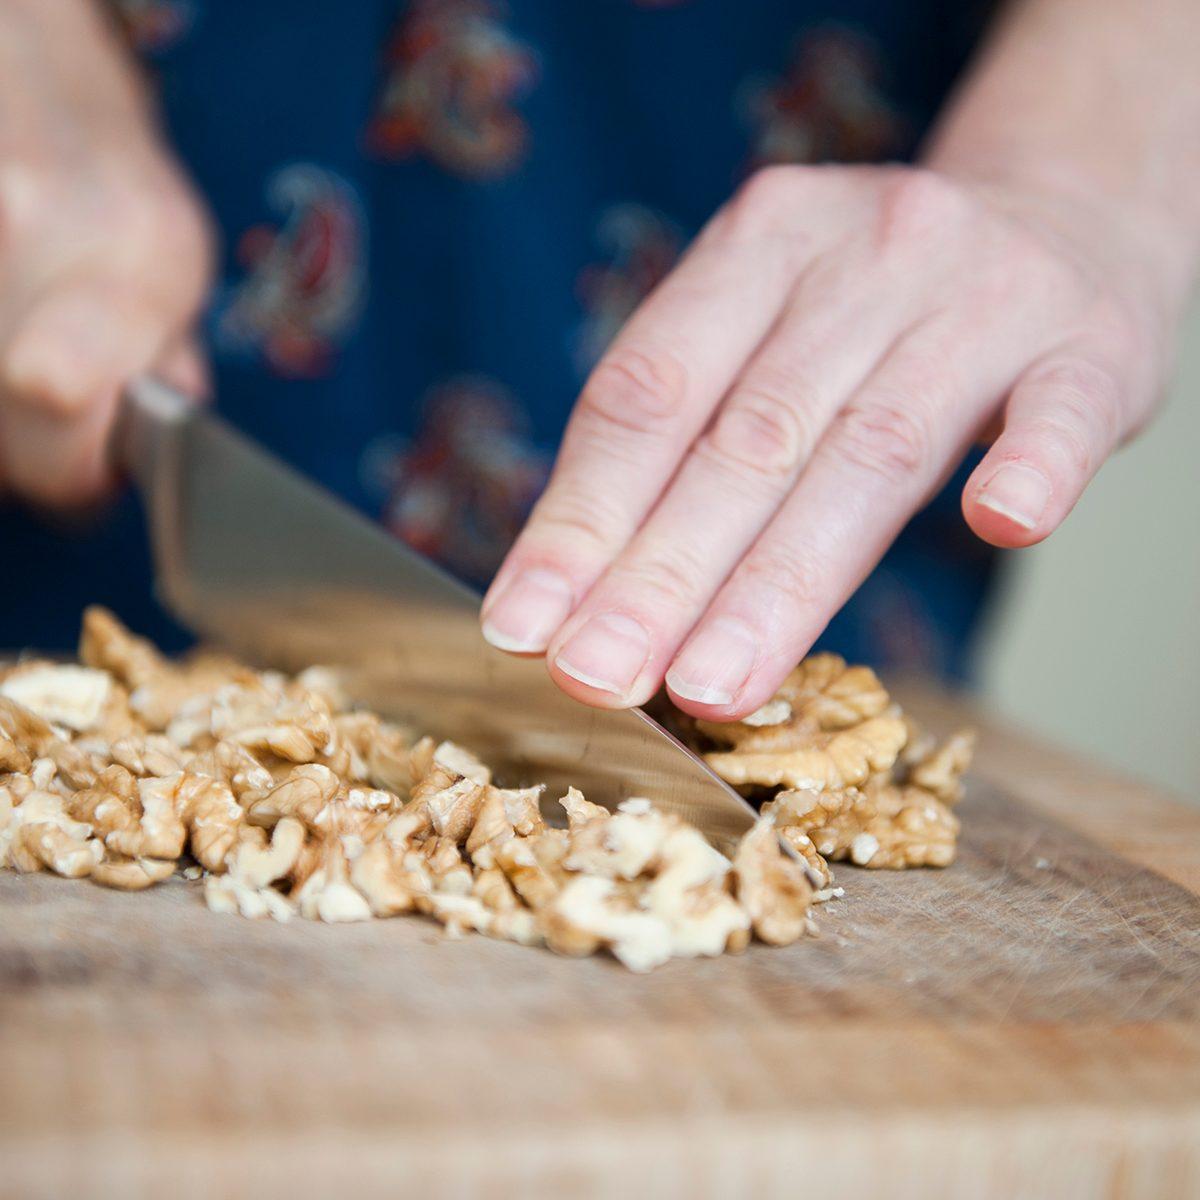 Woman using a big knife to chop walnuts